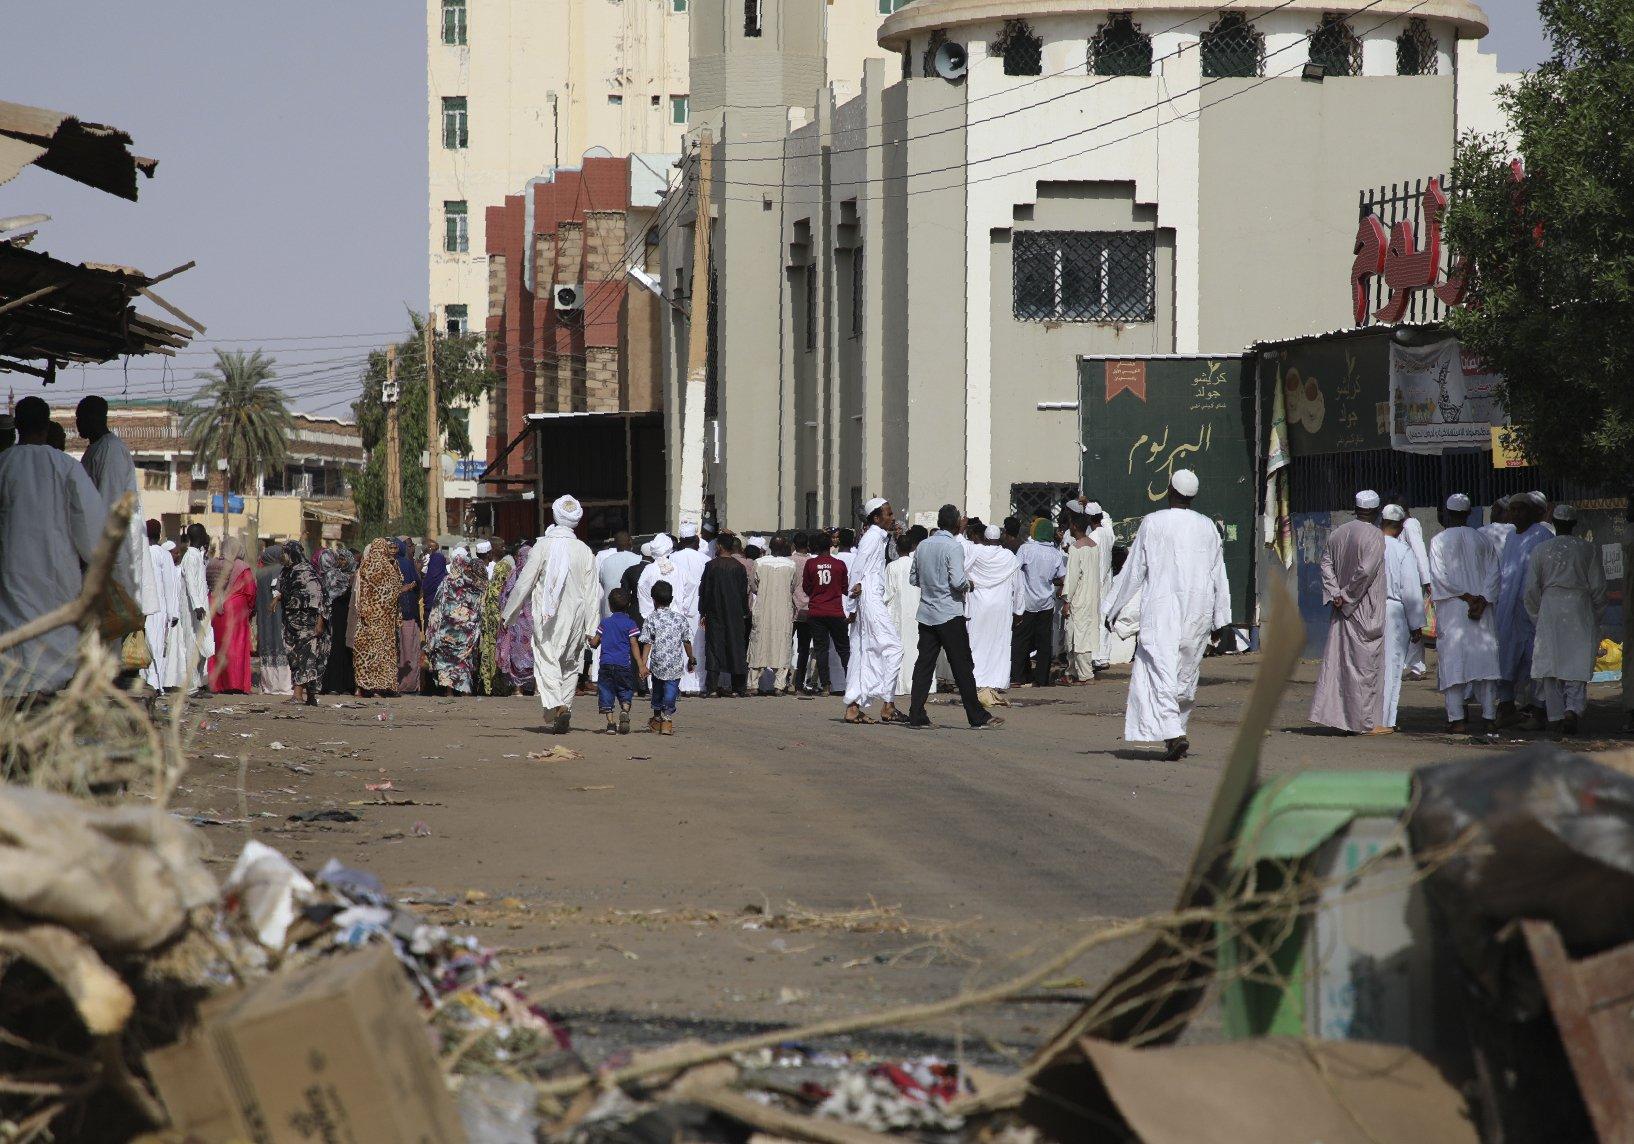 Ethiopian PM begins mediation talks in Sudan after violence